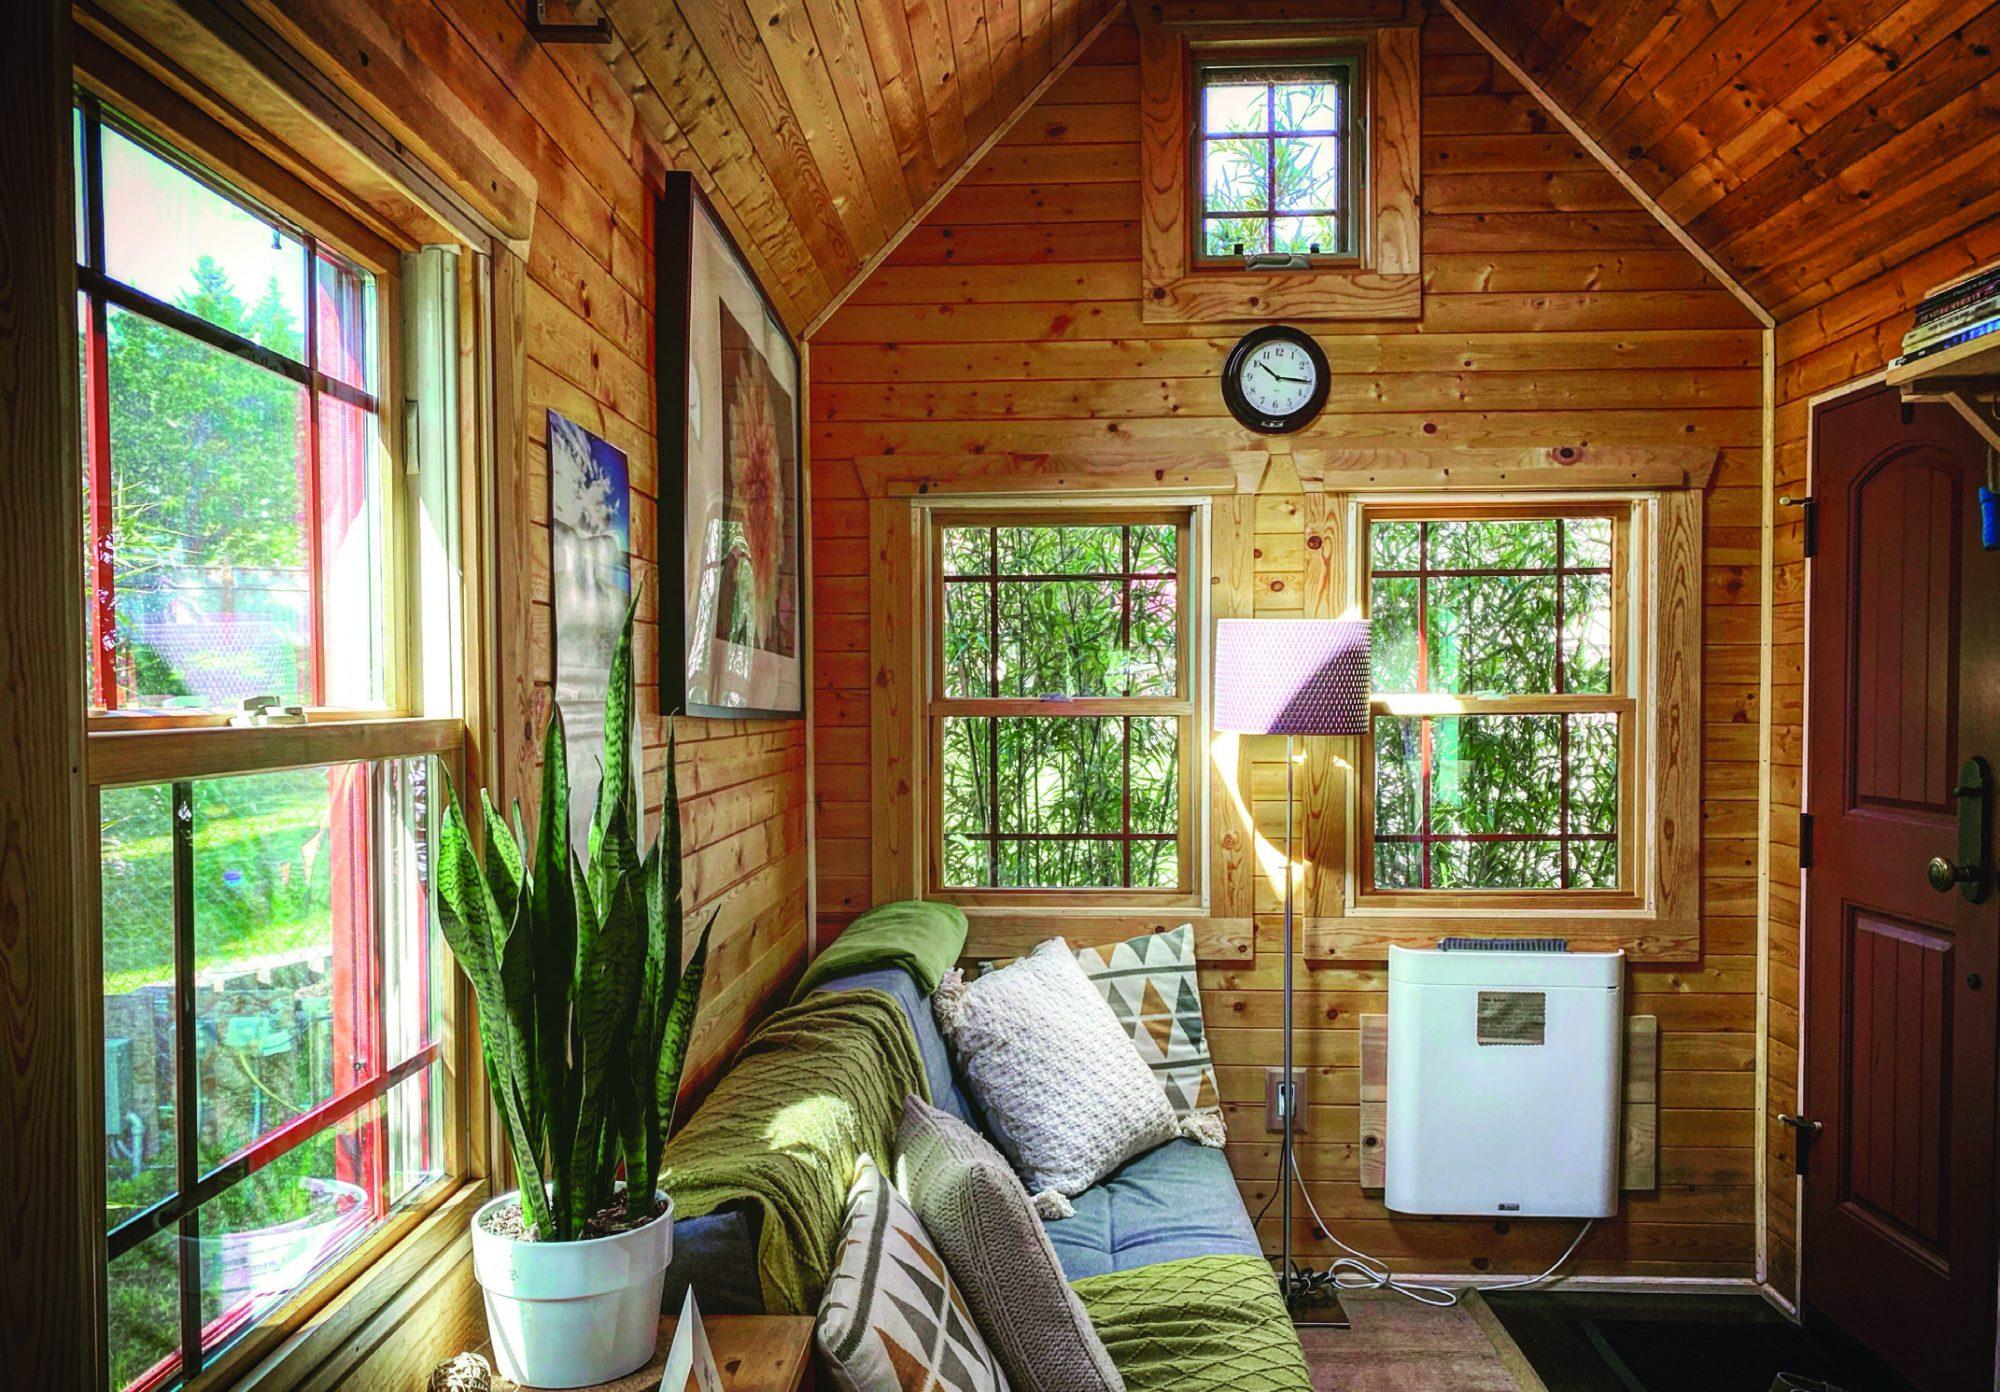 The Tiny Tack House boasts